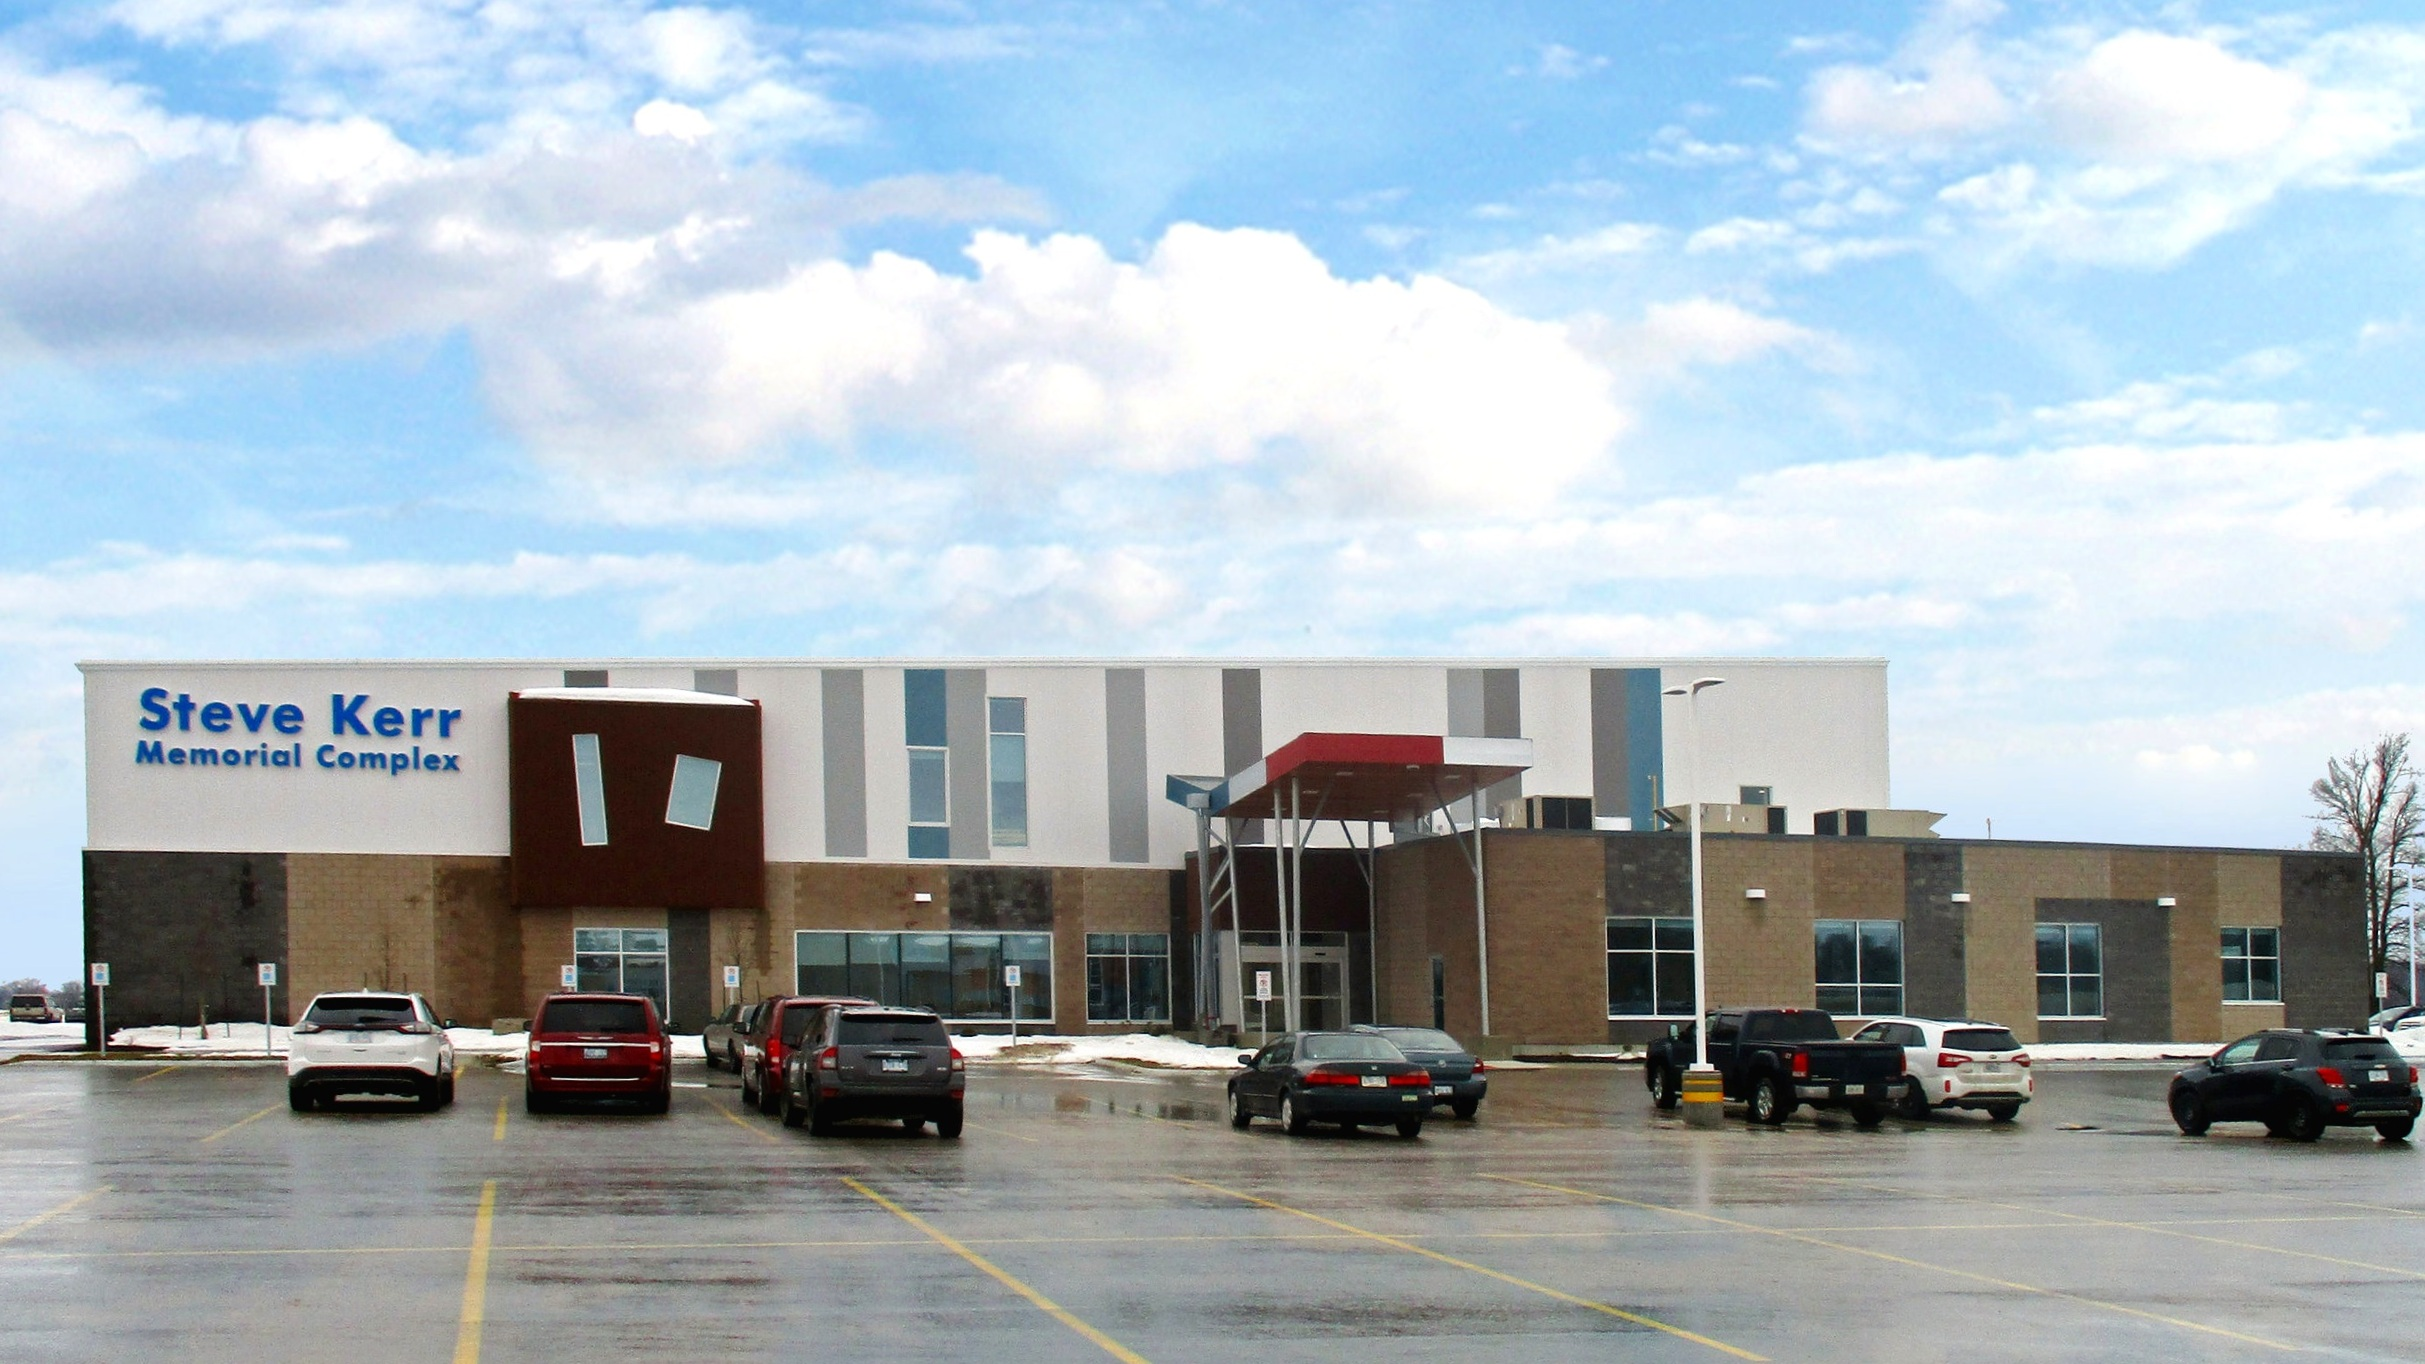 Steve Kerr Memorial Arena